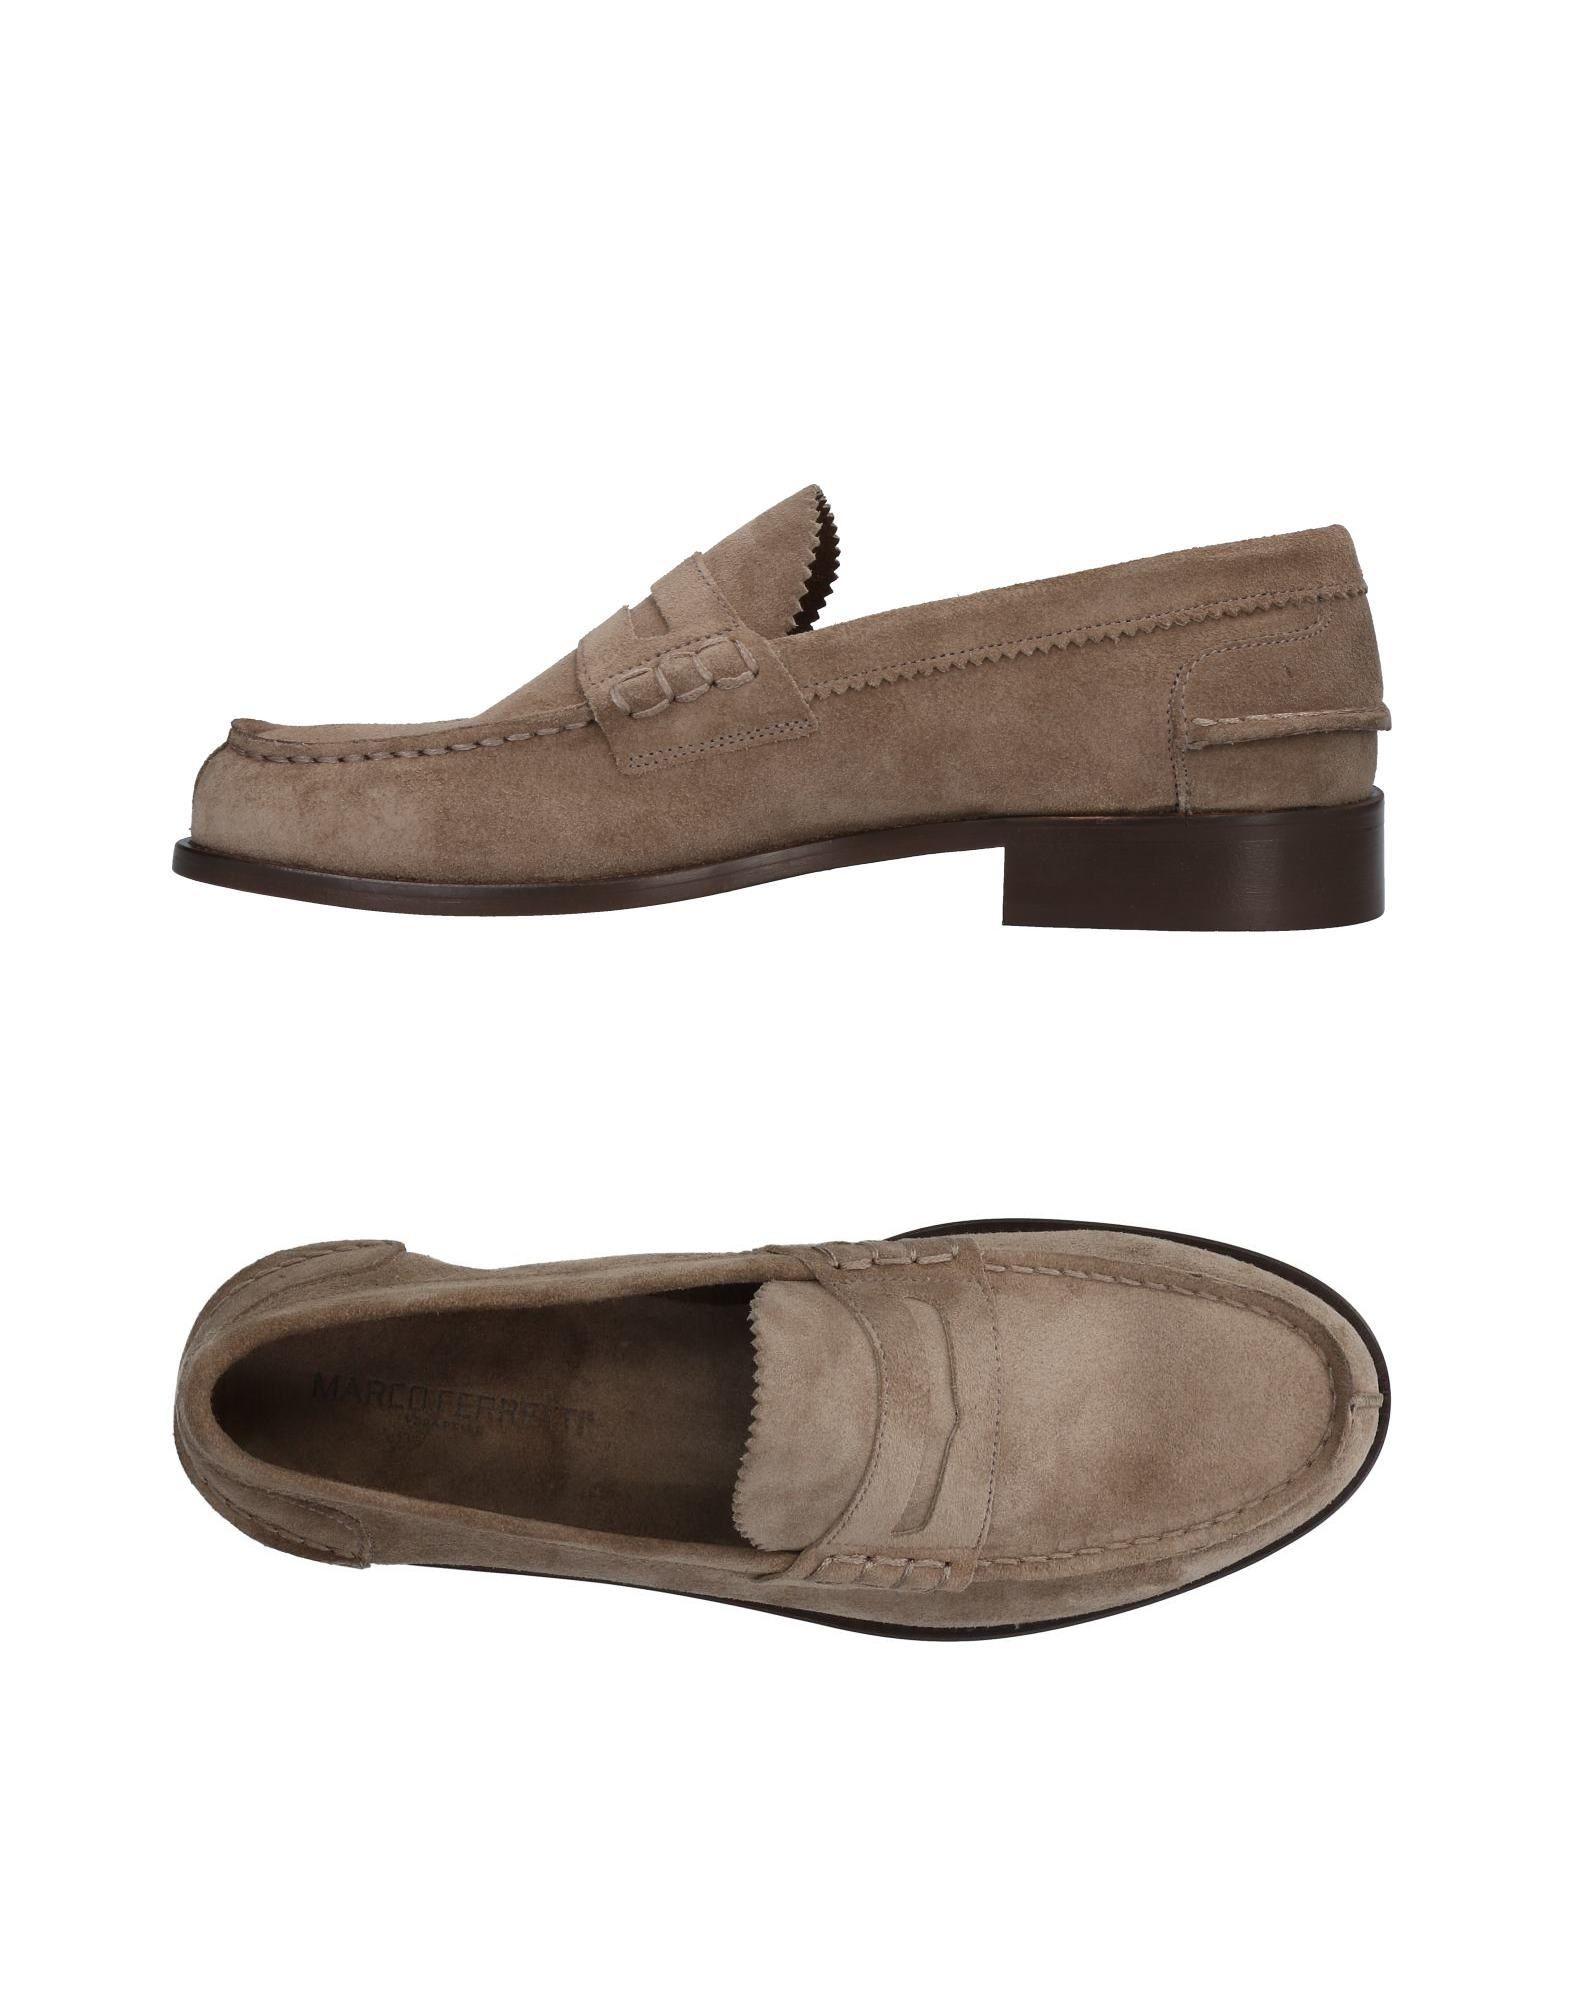 Rabatt Ferretti echte Schuhe Marco Ferretti Rabatt Mokassins Herren  11481132NH 37ecbf